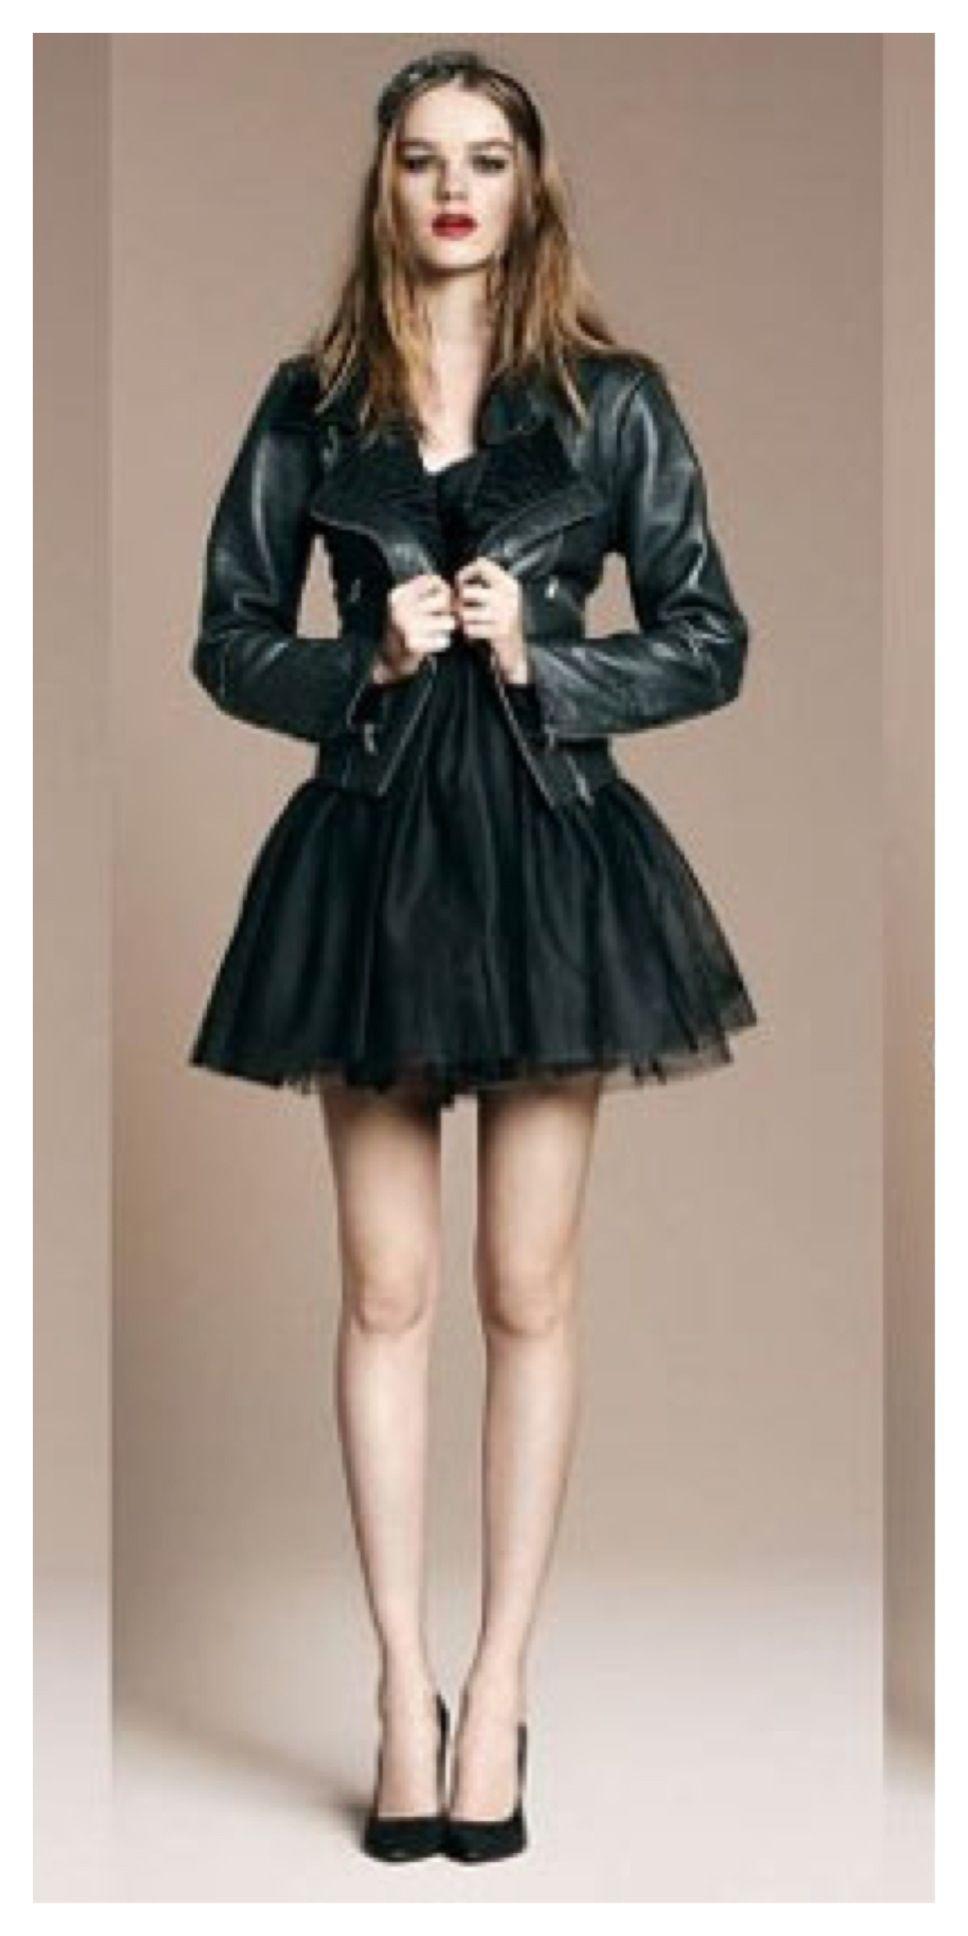 Fantastisch Leder Prom Kleid Fotos - Brautkleider Ideen - cashingy.info